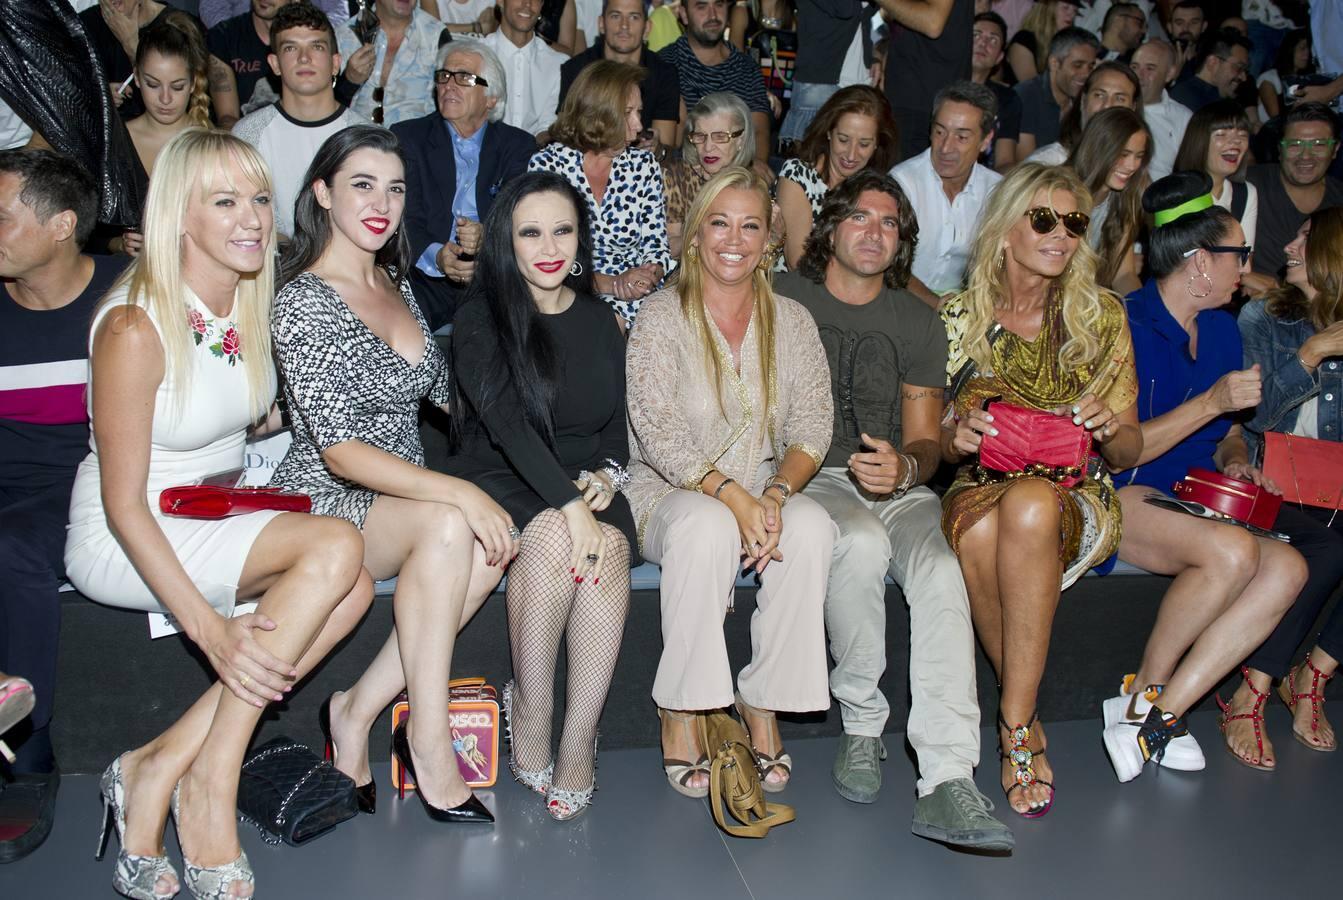 Las celibrities nacionales acuden a la Madrid Fashion Week